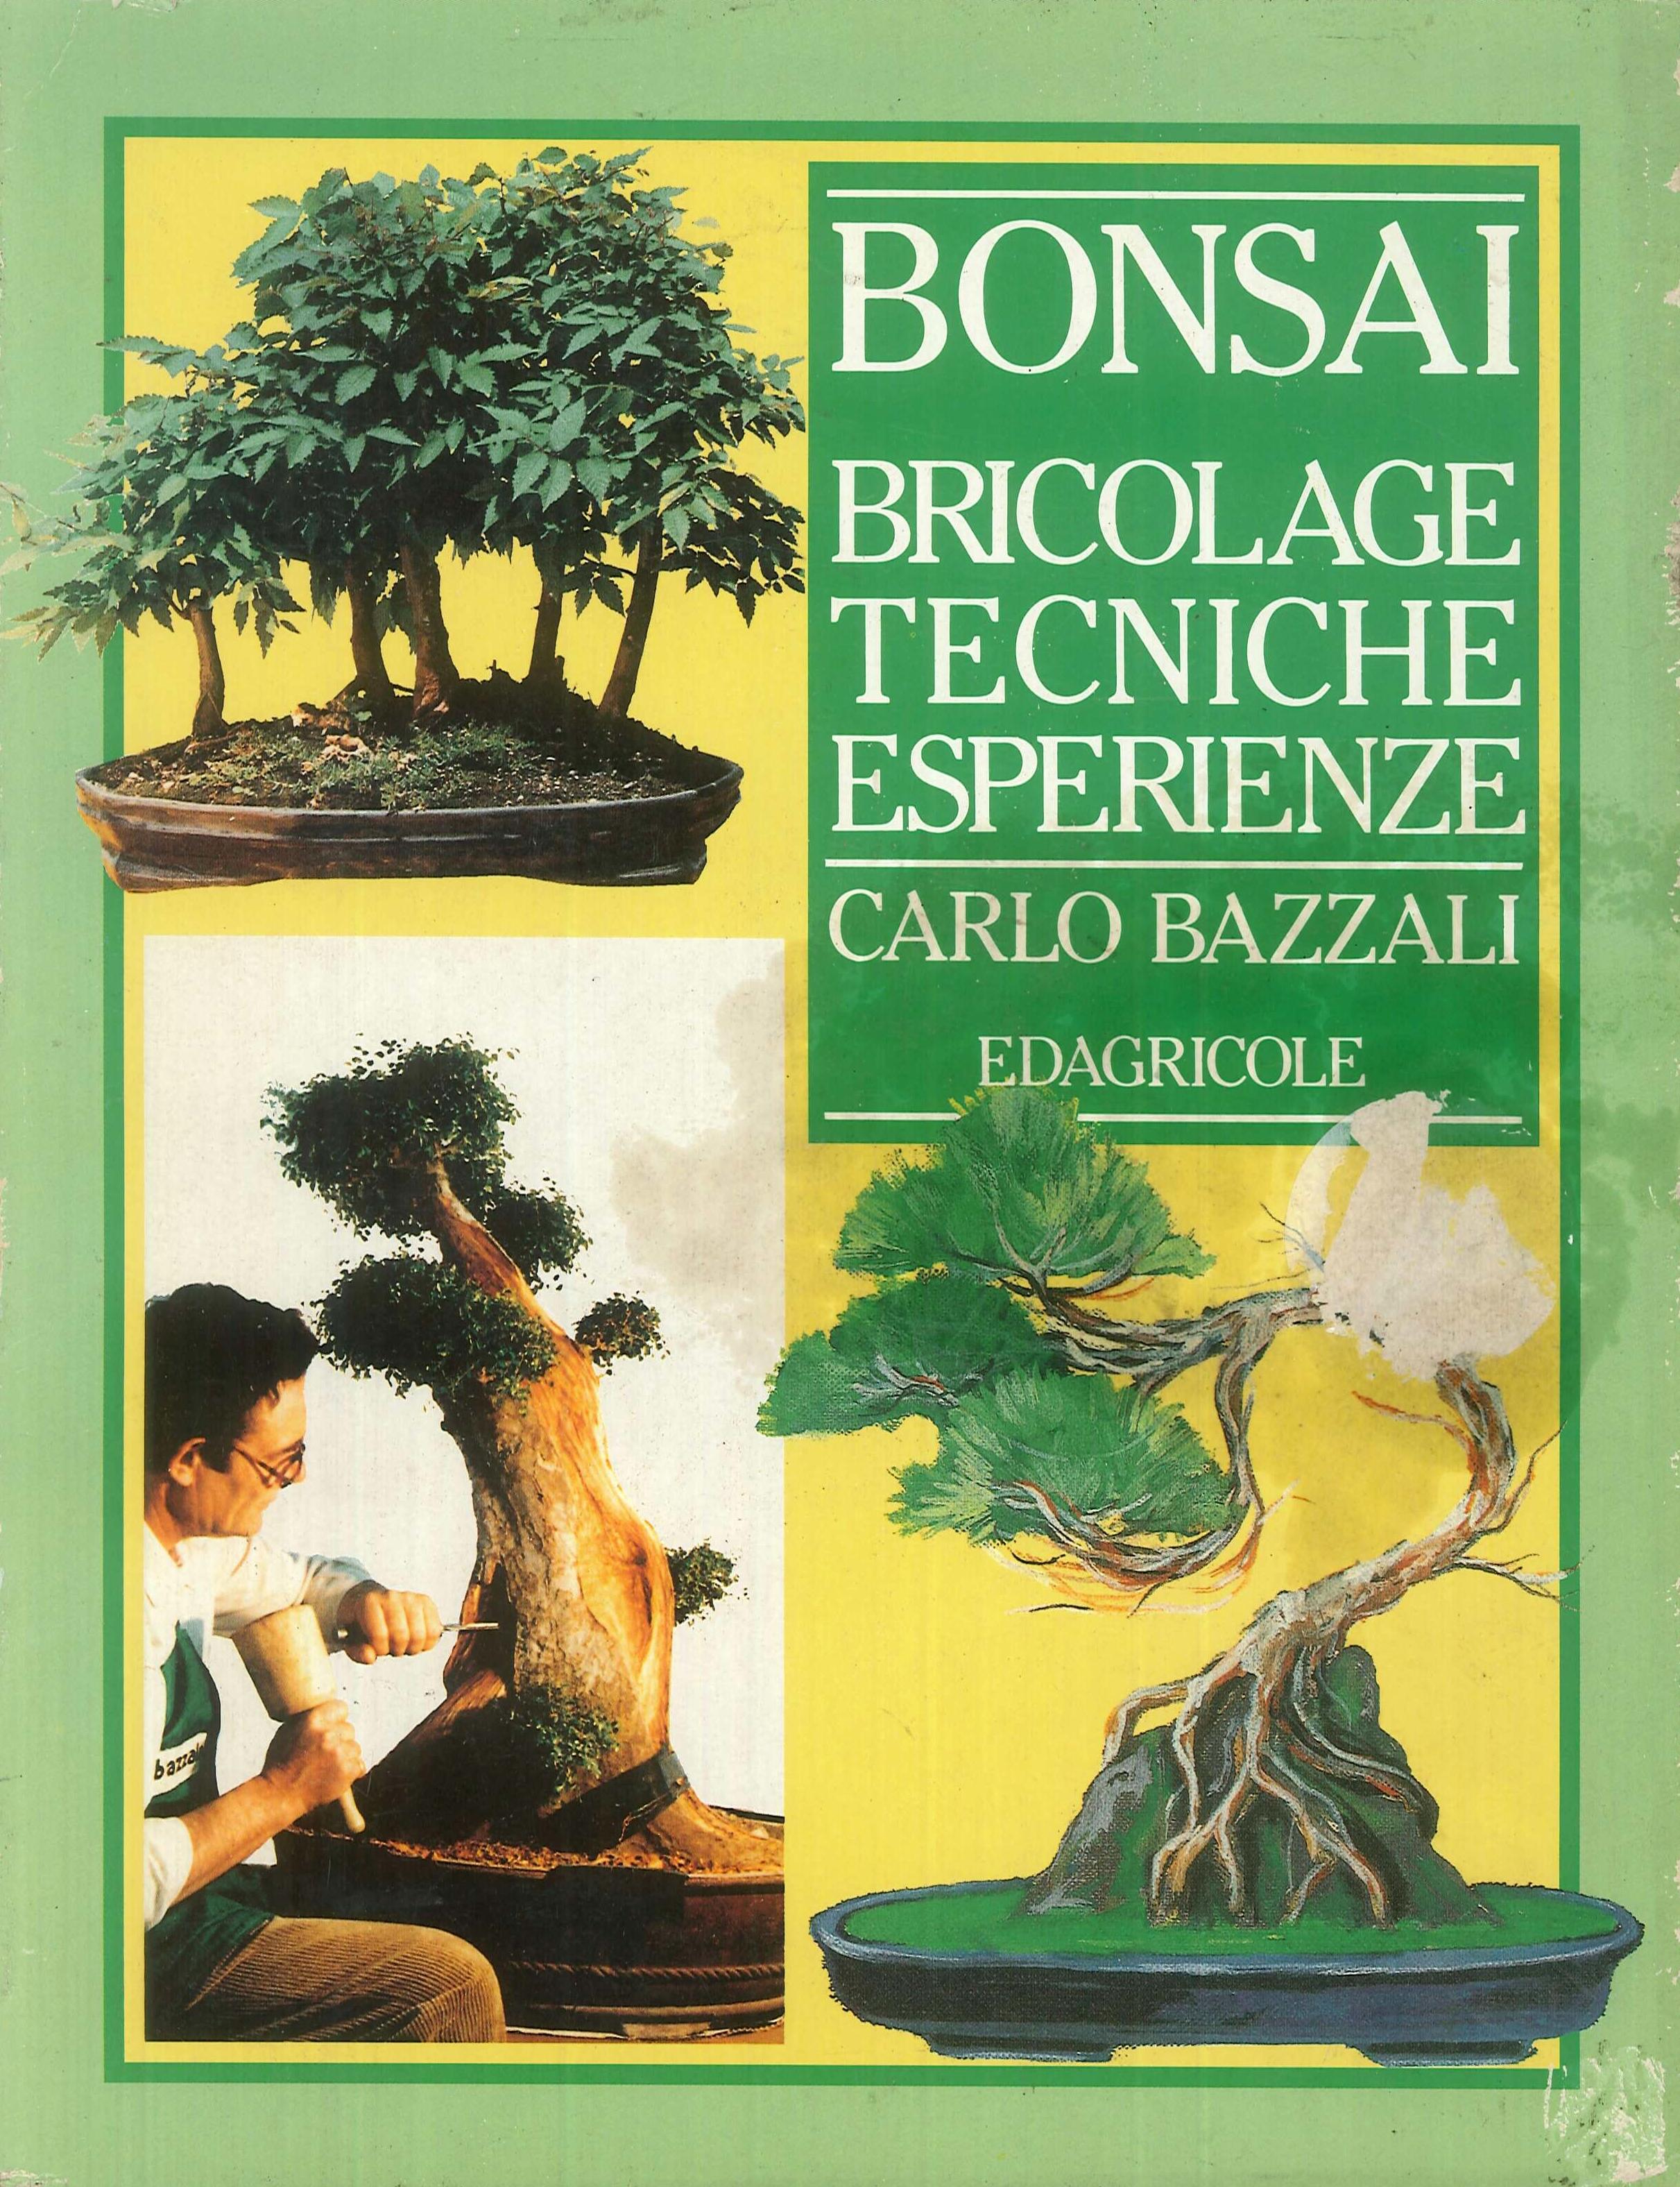 Bonsai. Bricolage, tecniche, esperienze